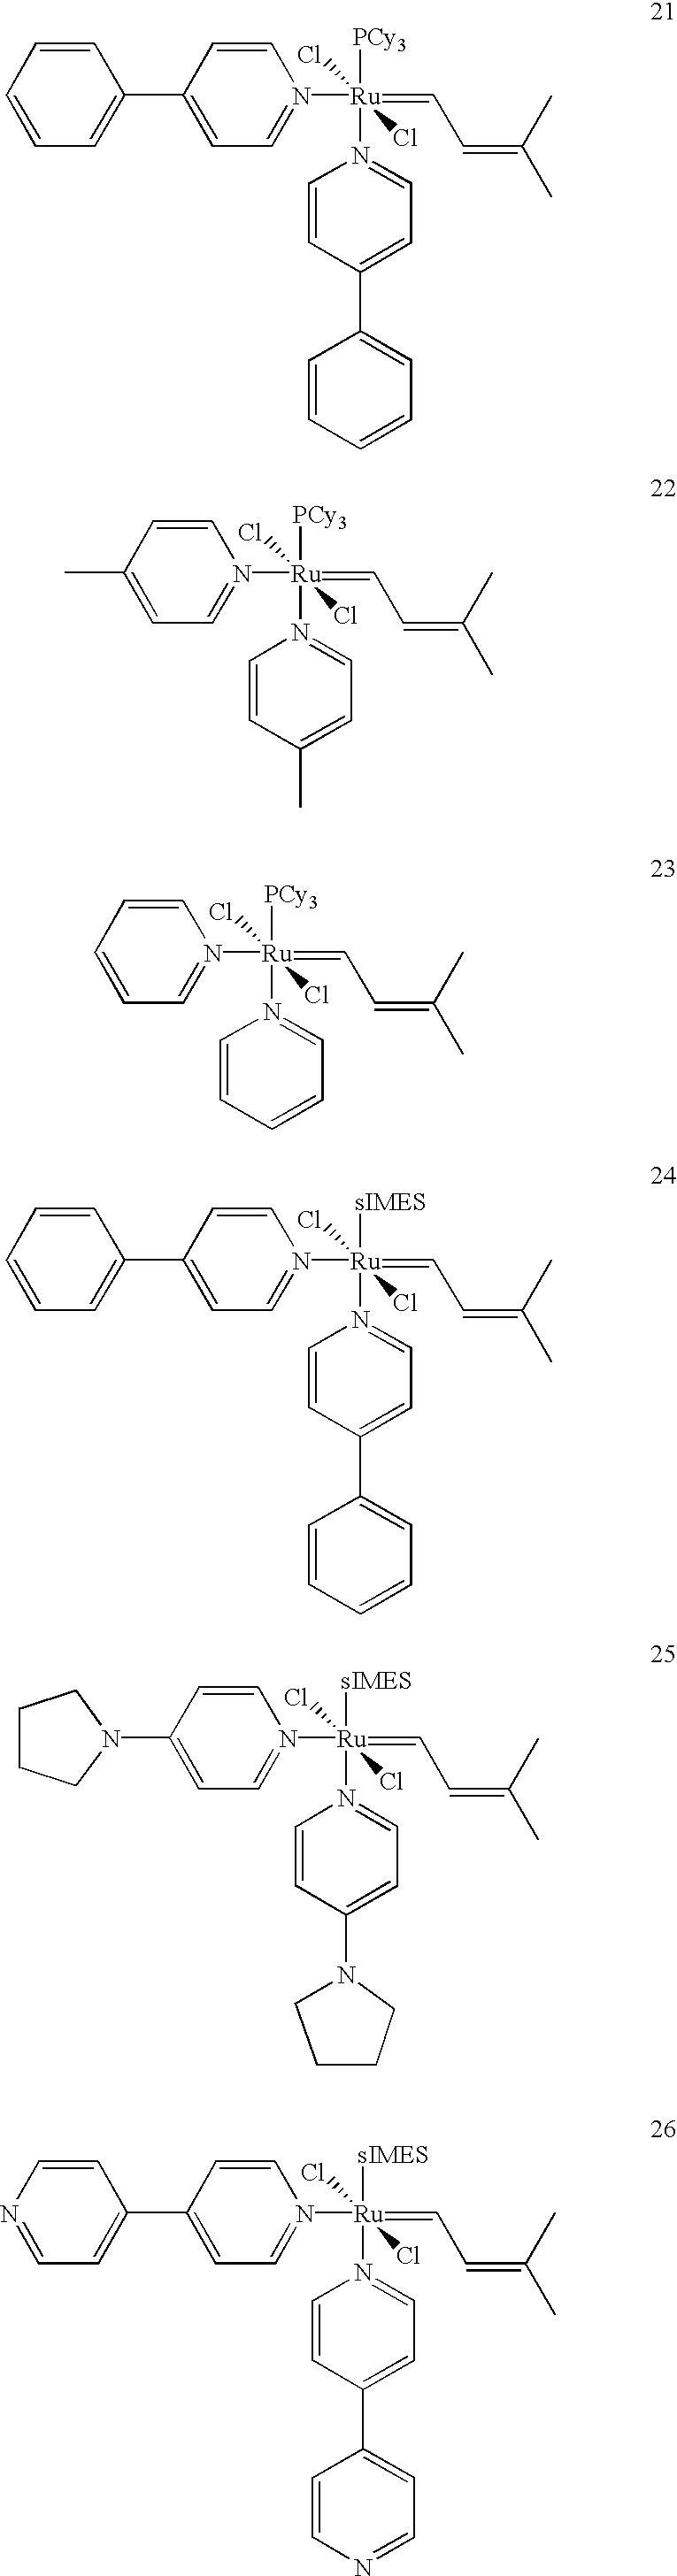 Figure US06818586-20041116-C00019